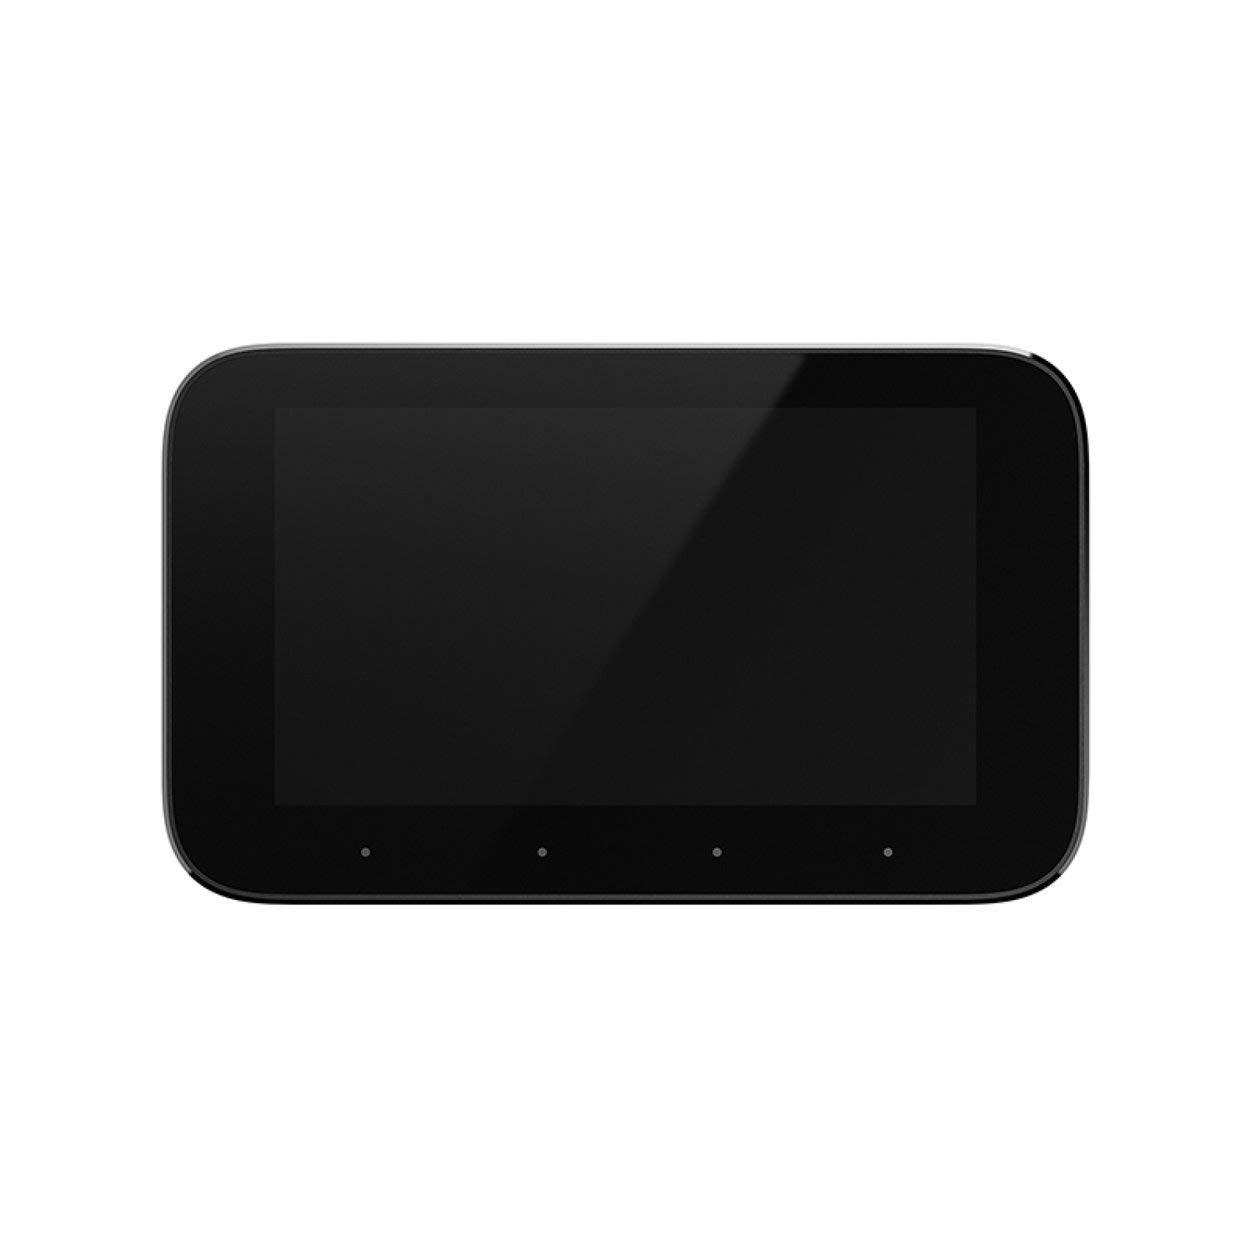 Lofenlli Universal Fit Xiaomi Mijia Cam/éscope Enregistreur De Voiture F1.8 1080P 160 Degr/és Grand Angle 3 Pouce /Écran Voiture DVR Dashcam Dashboard Cam/éra